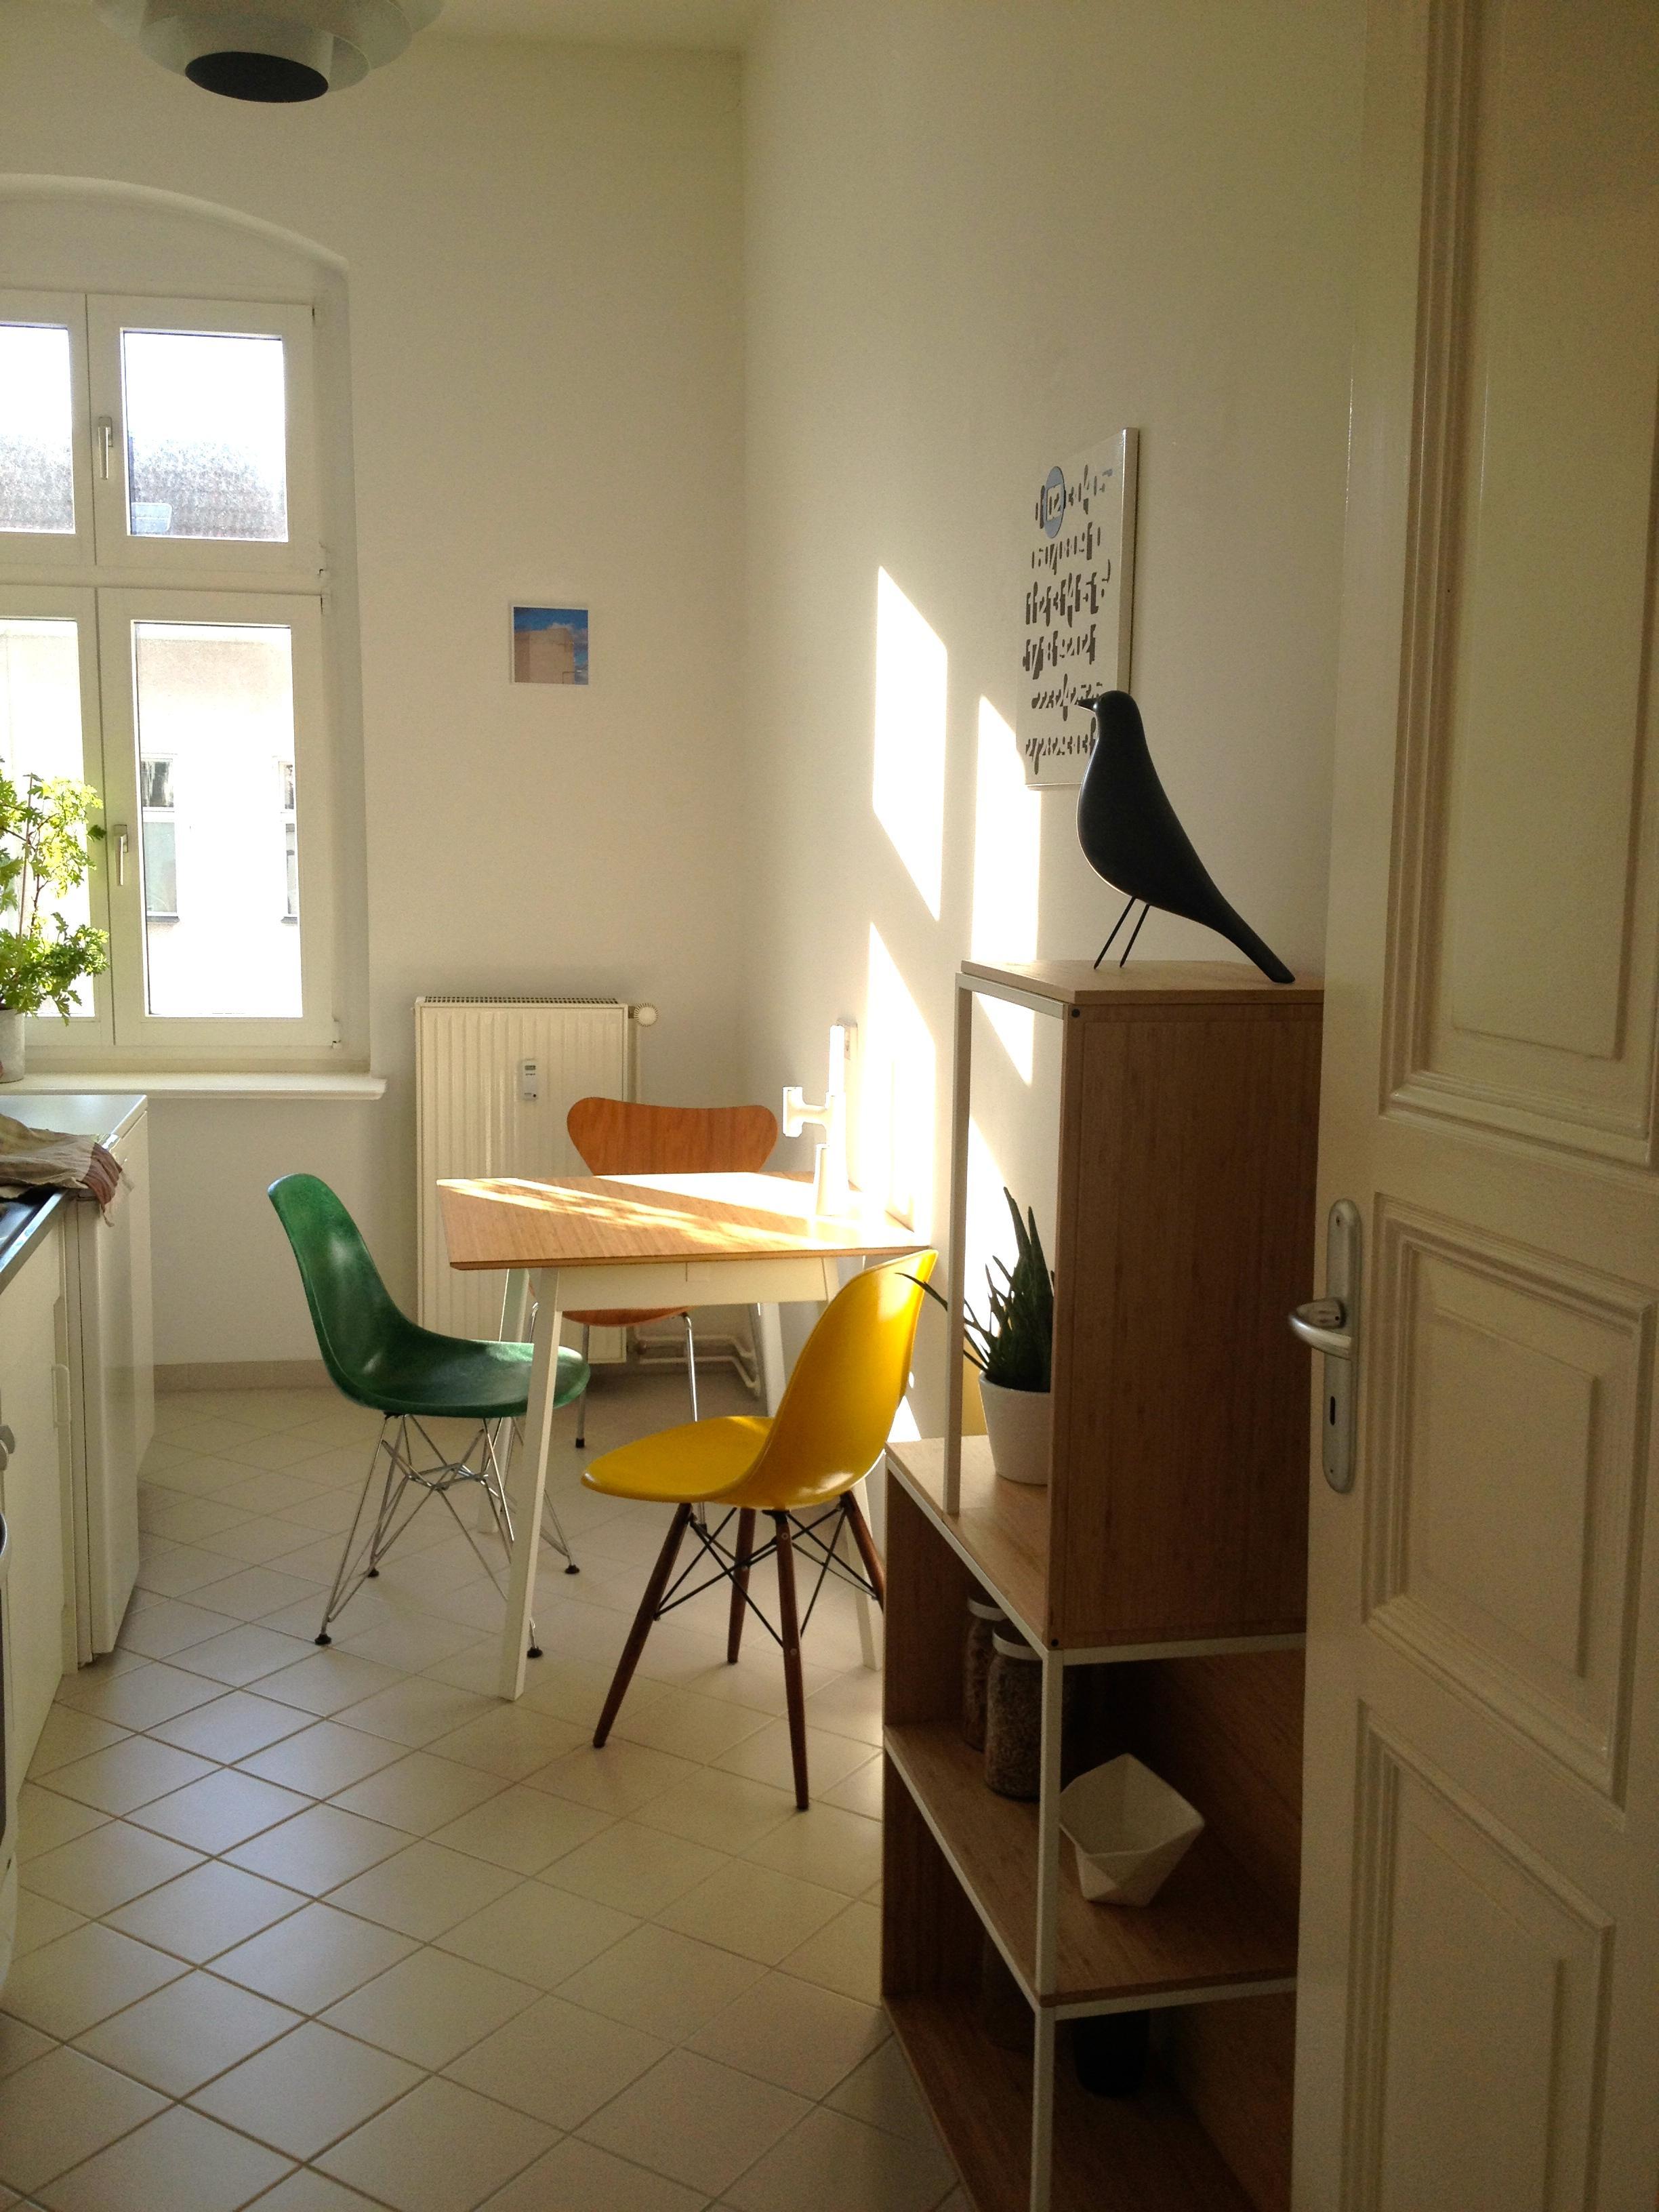 Miniküche • Bilder & Ideen • COUCHstyle | {Miniküche design 47}